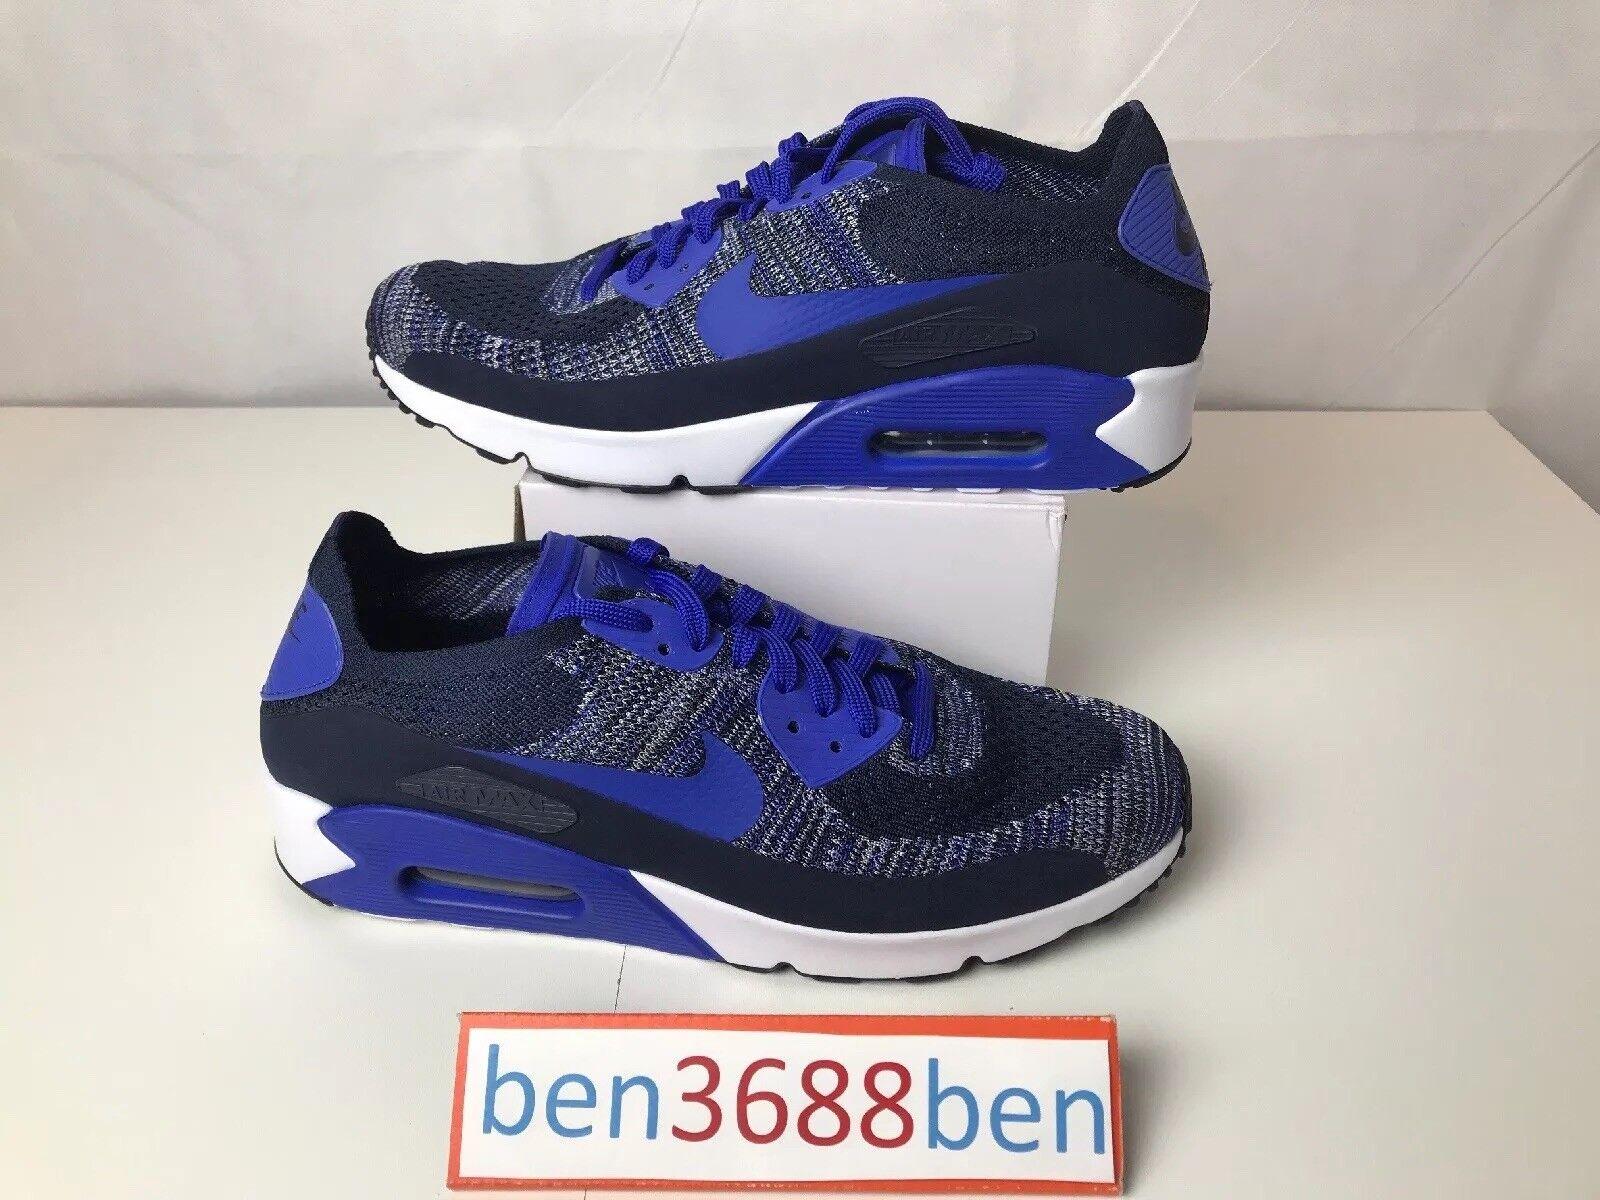 Nike air max 90 ultra dimensioni 2,0 flyknit blu 875943-400 10,5 in nuove dimensioni ultra c13a83